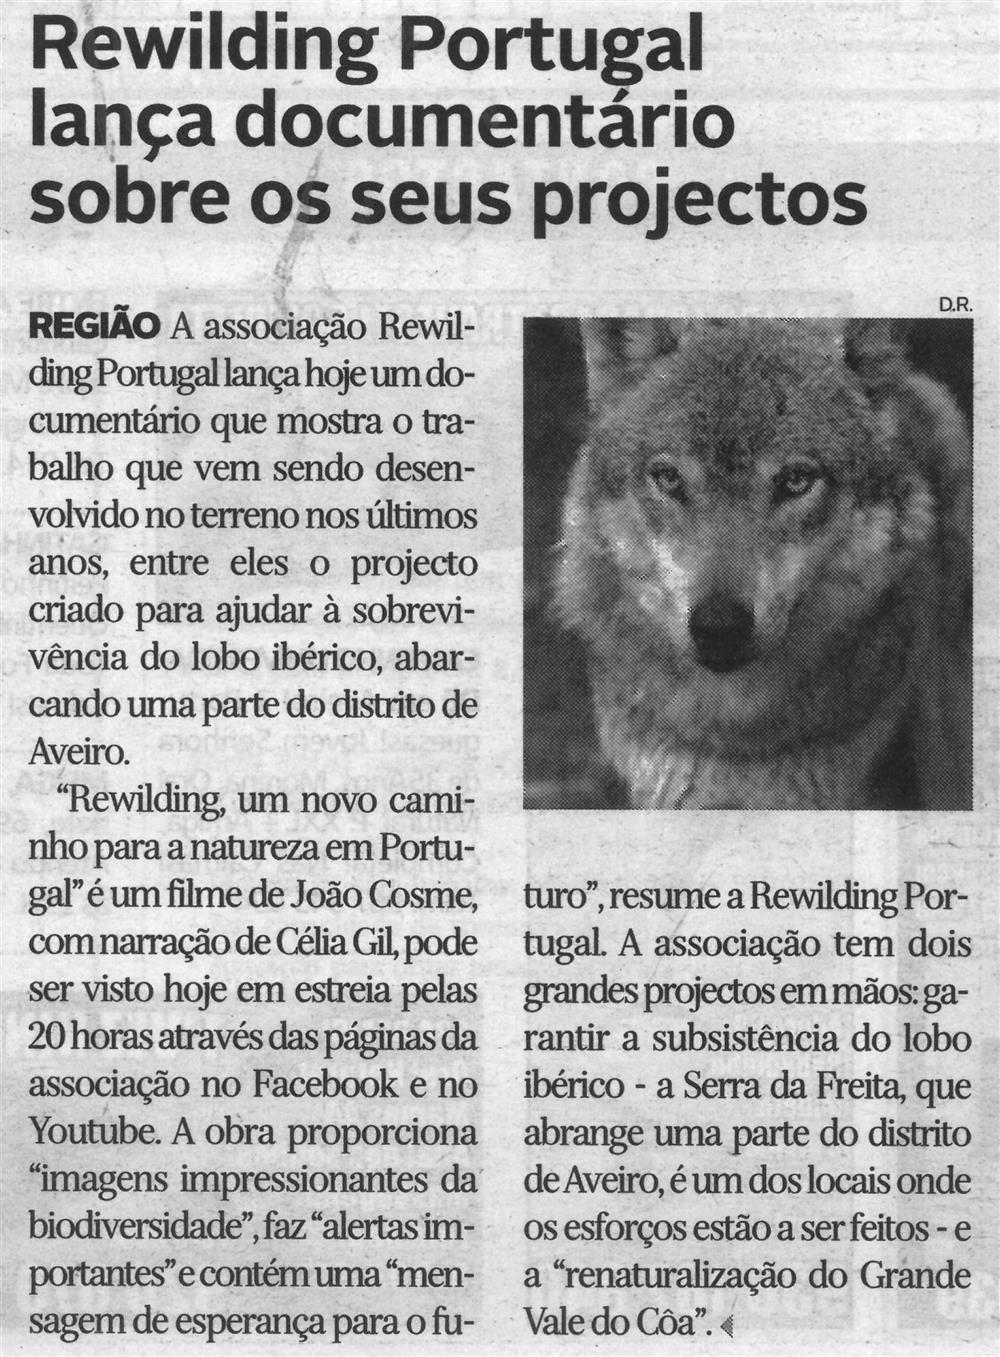 DA-27nov.'20-p.18-Rewilding Portugal lança documentário sobre os seus projetos.jpg